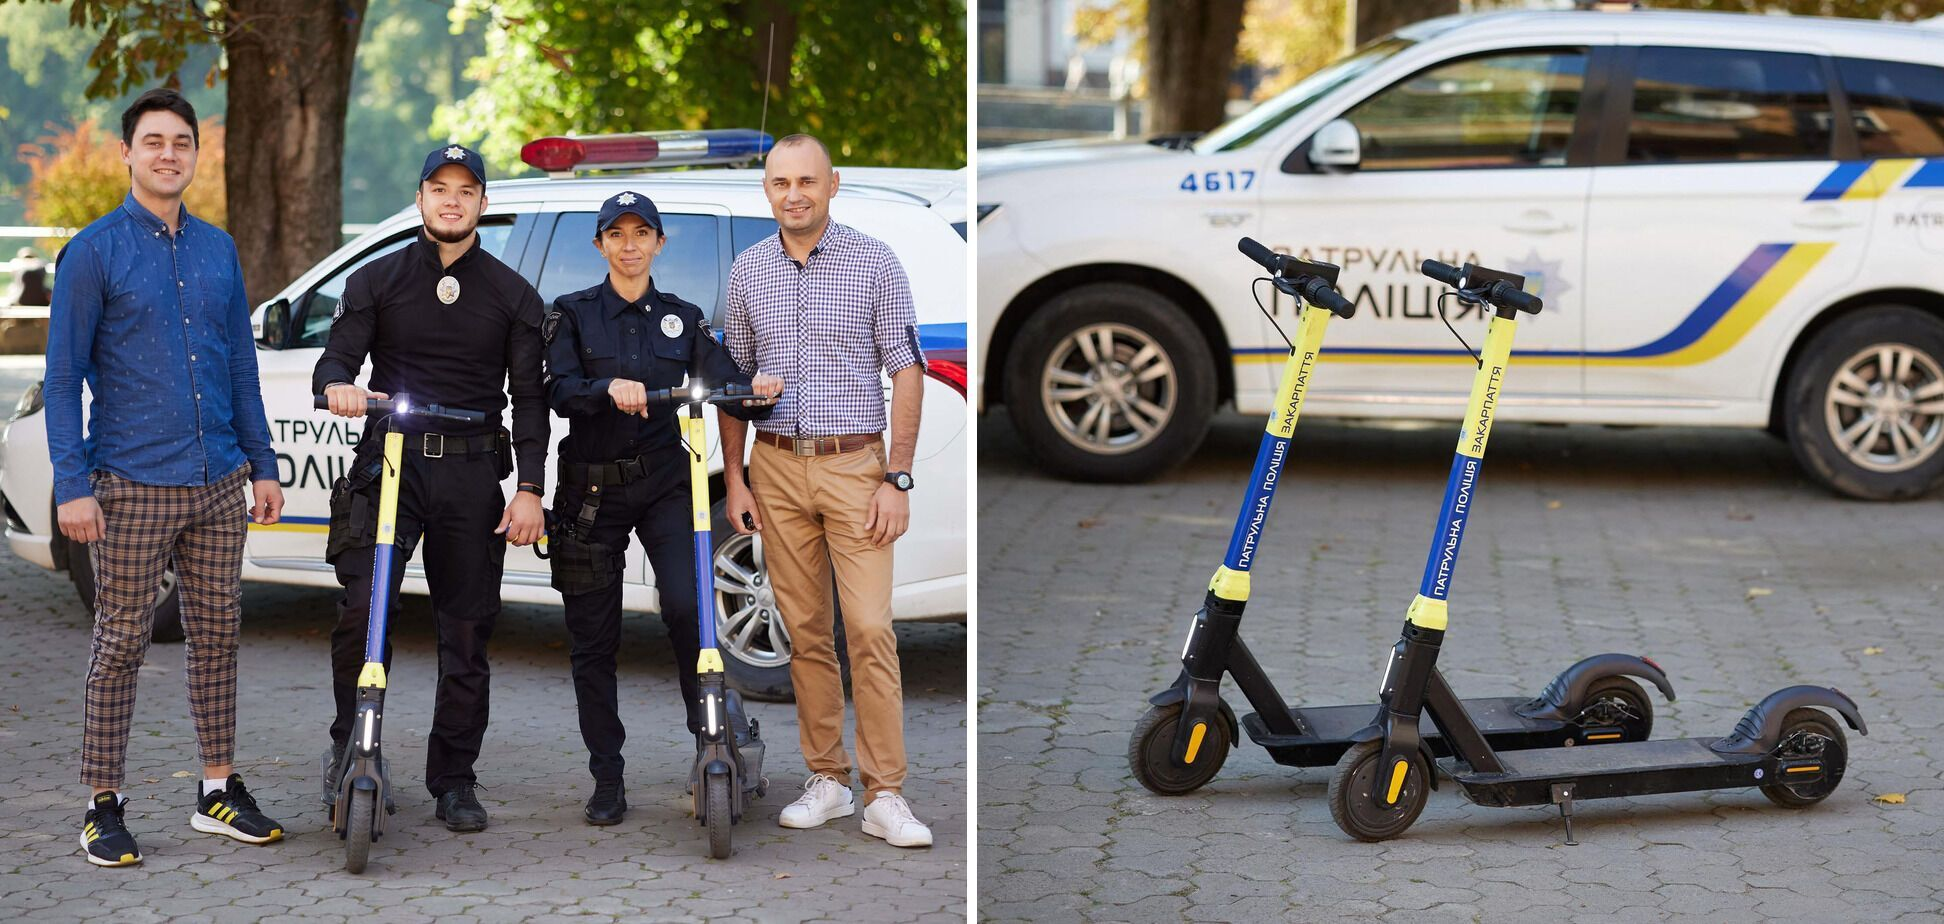 Ужгородські поліцейські будуть патрулювати місто на самокатах